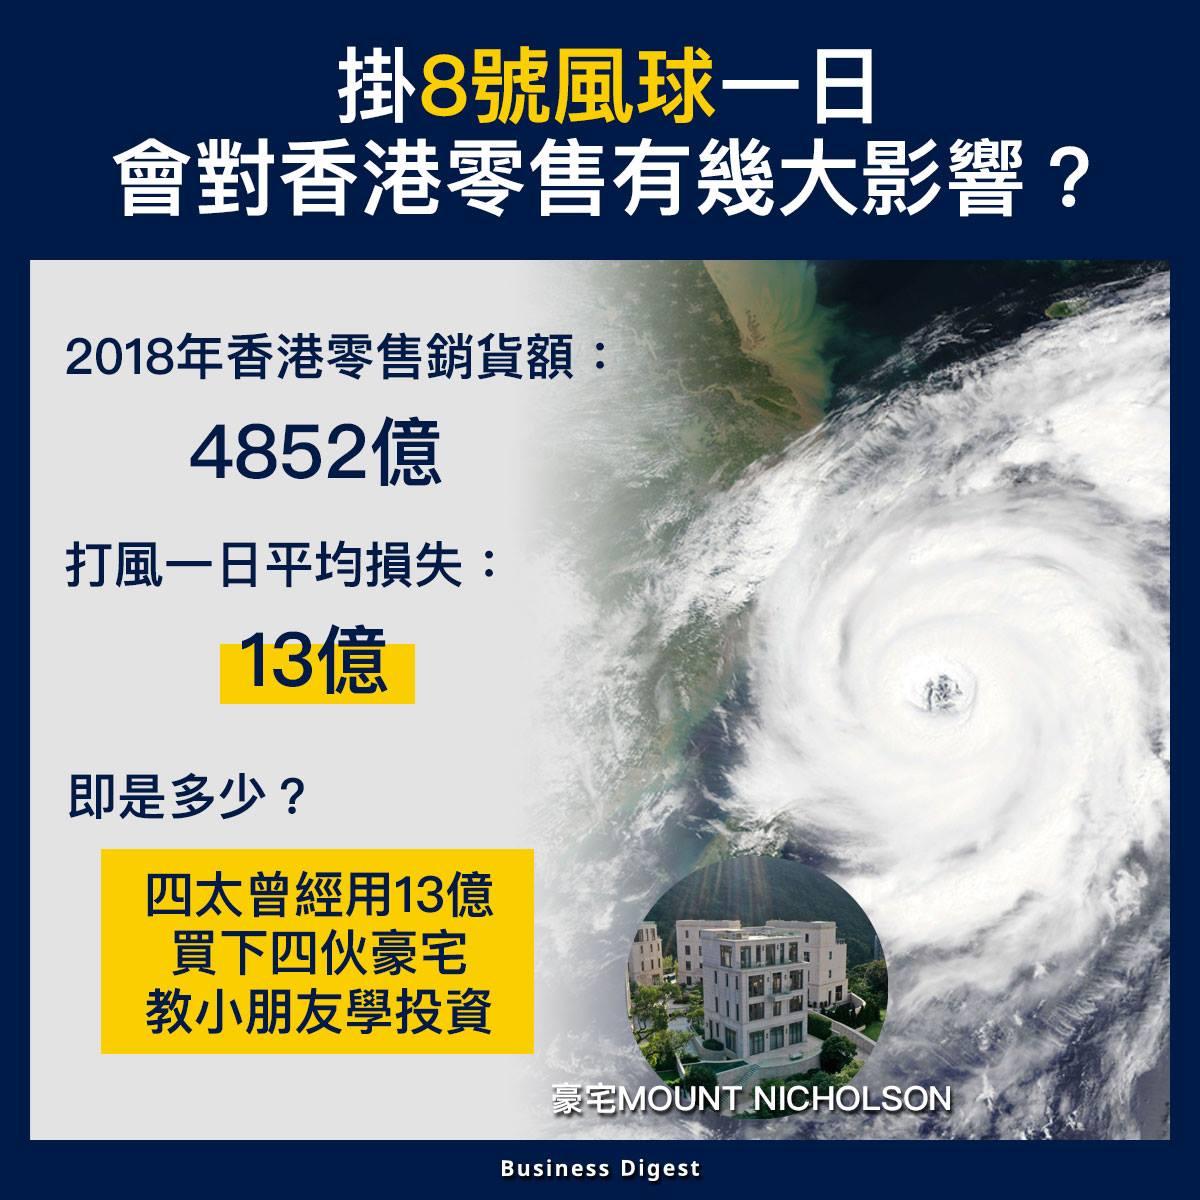 【從數據認識經濟】掛8號風球一日會對香港零售有幾大影響?